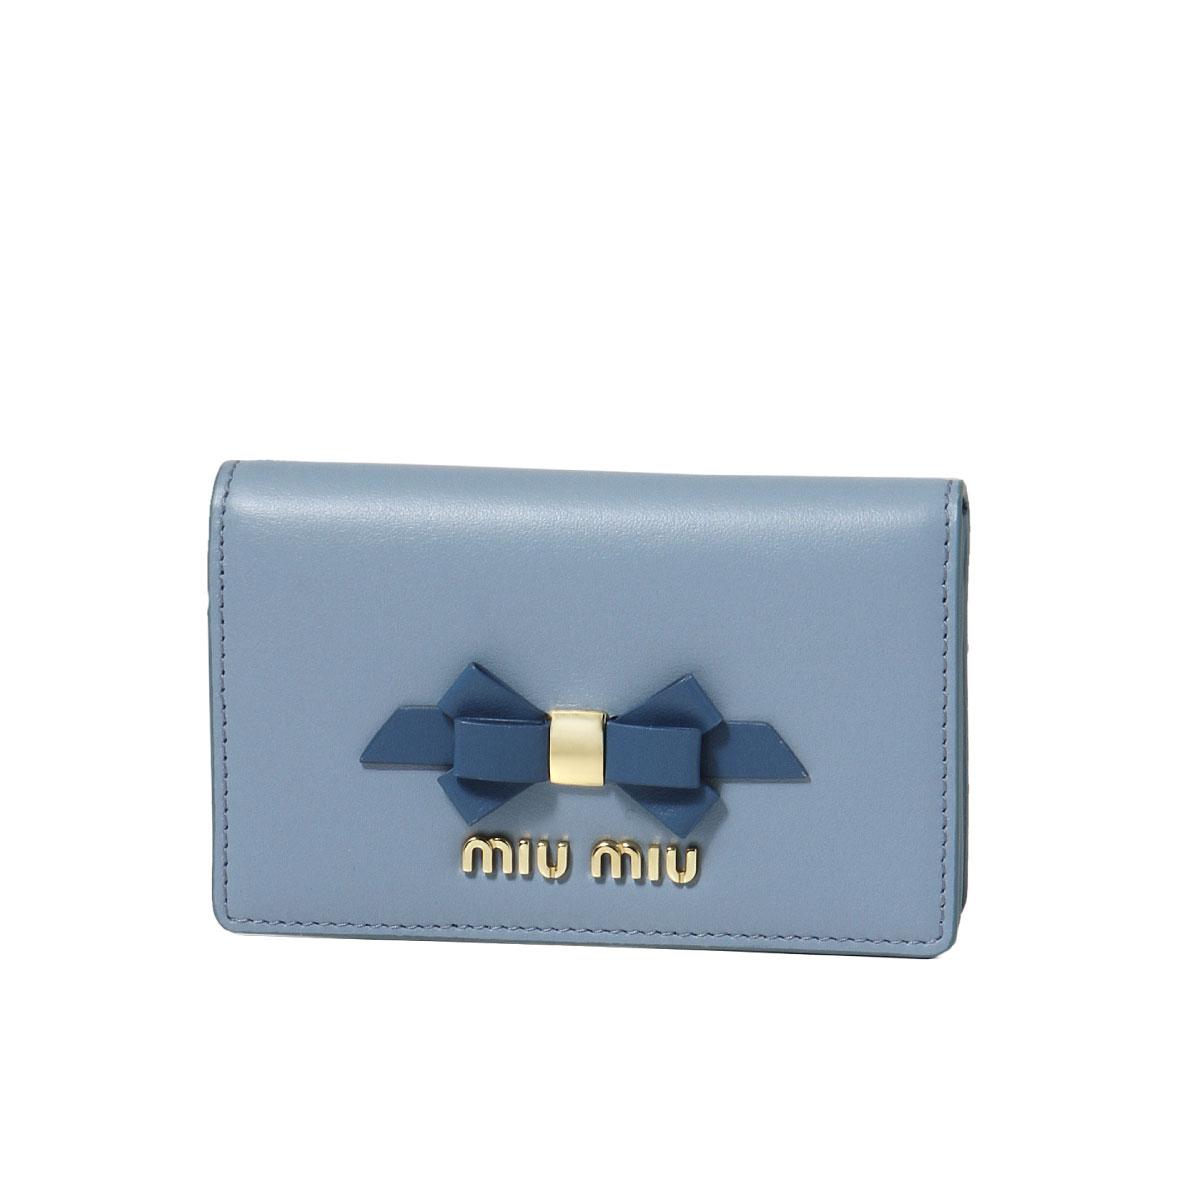 ミュウ ミュウ MIU MIU カードケース レディース 5MC011 2B61 F0RFK CALF FIOCCO ASTRALE+COBALTO ブルー